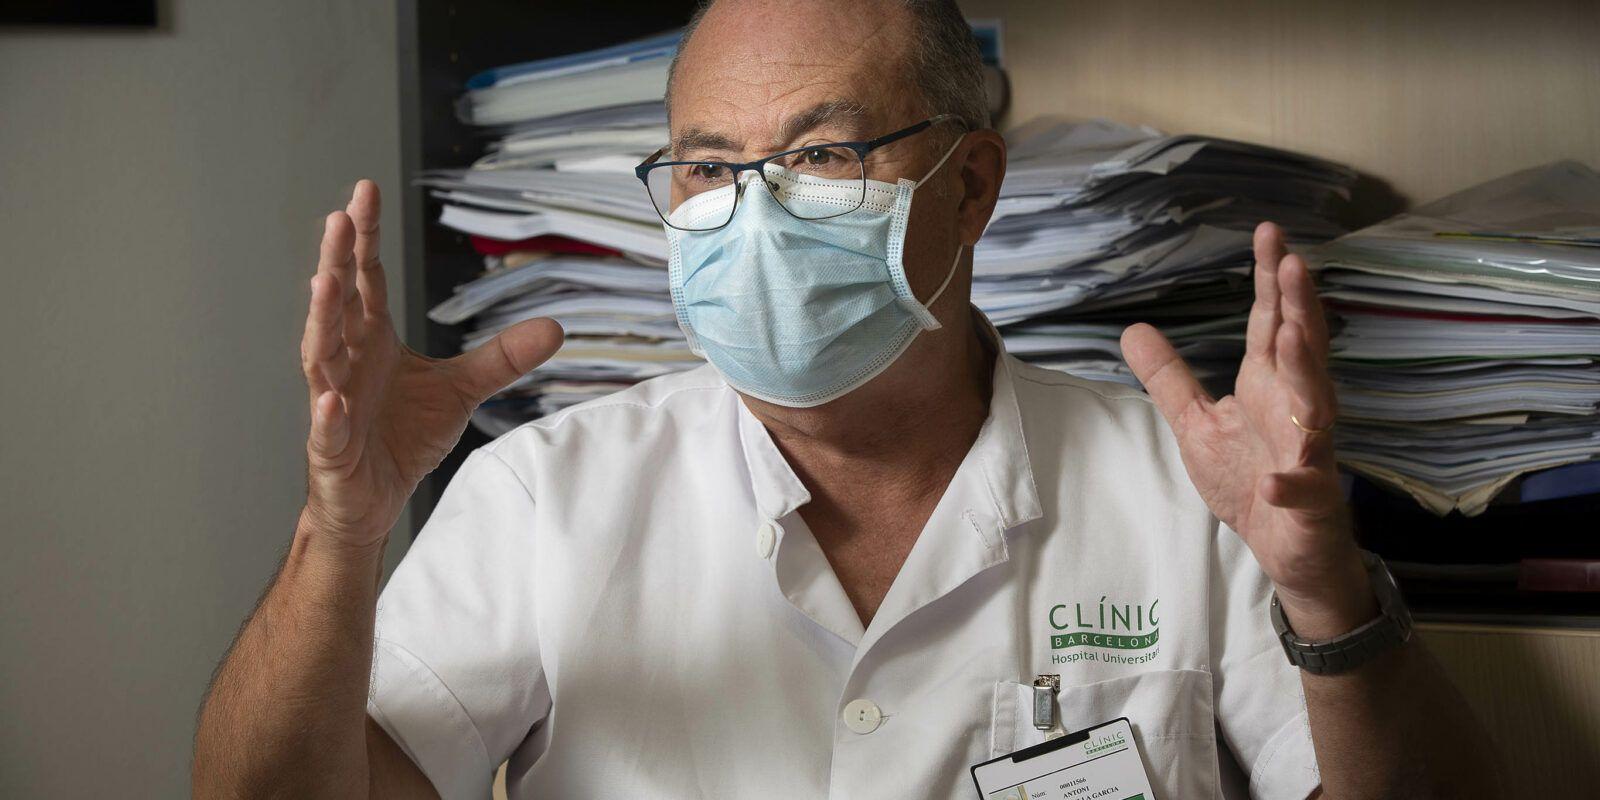 El cap del servei de Medicina Preventiva i Epidemiologia de l'Hospital Cl?nic, Antoni Trilla / Jordi Play